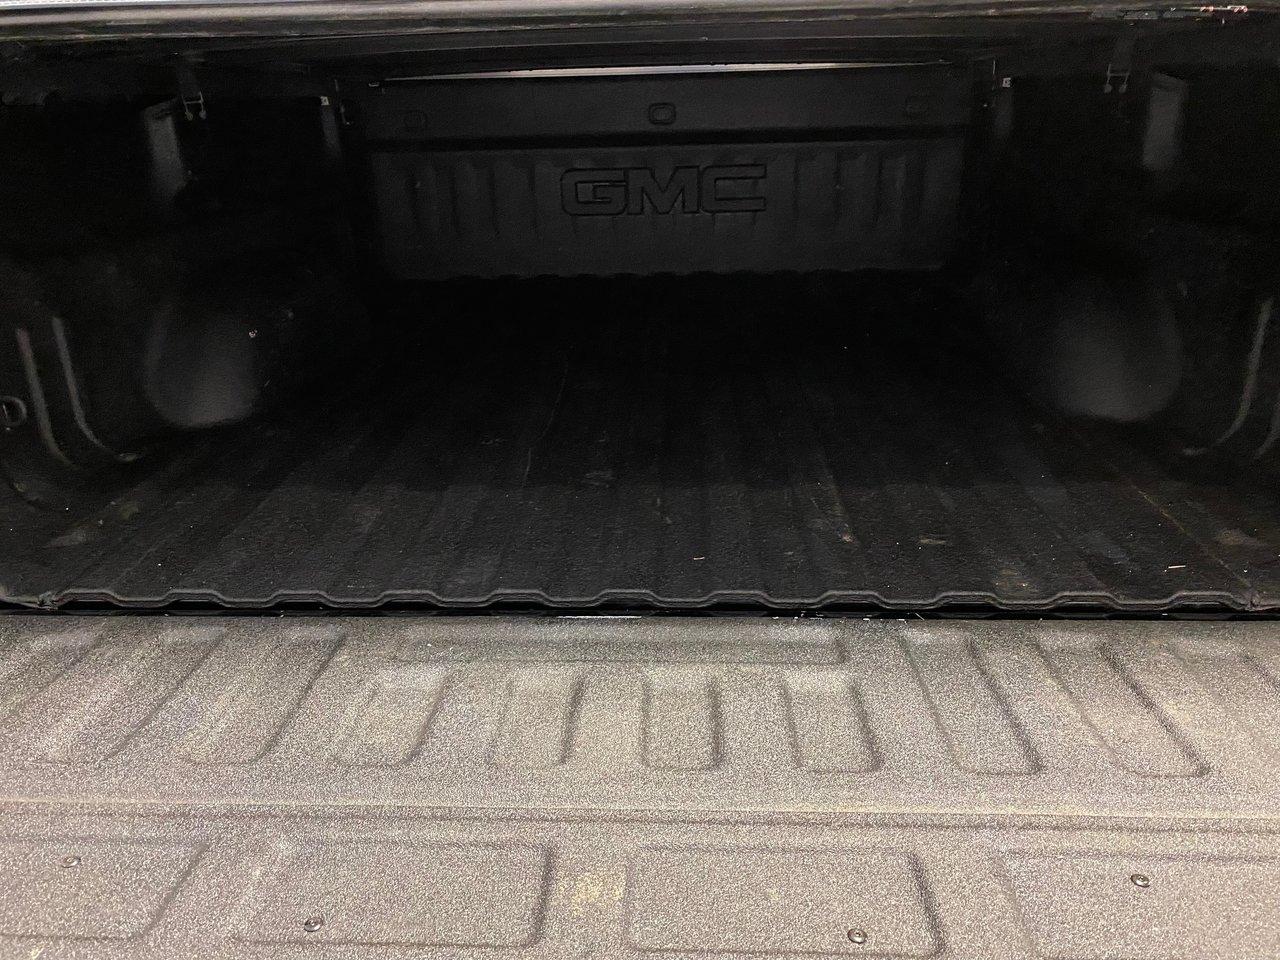 2016 GMC Sierra 1500 ELEVATION 4X4 MOTEUR 5.3L 6.5 BOX JAMAIS ACCIDENTE